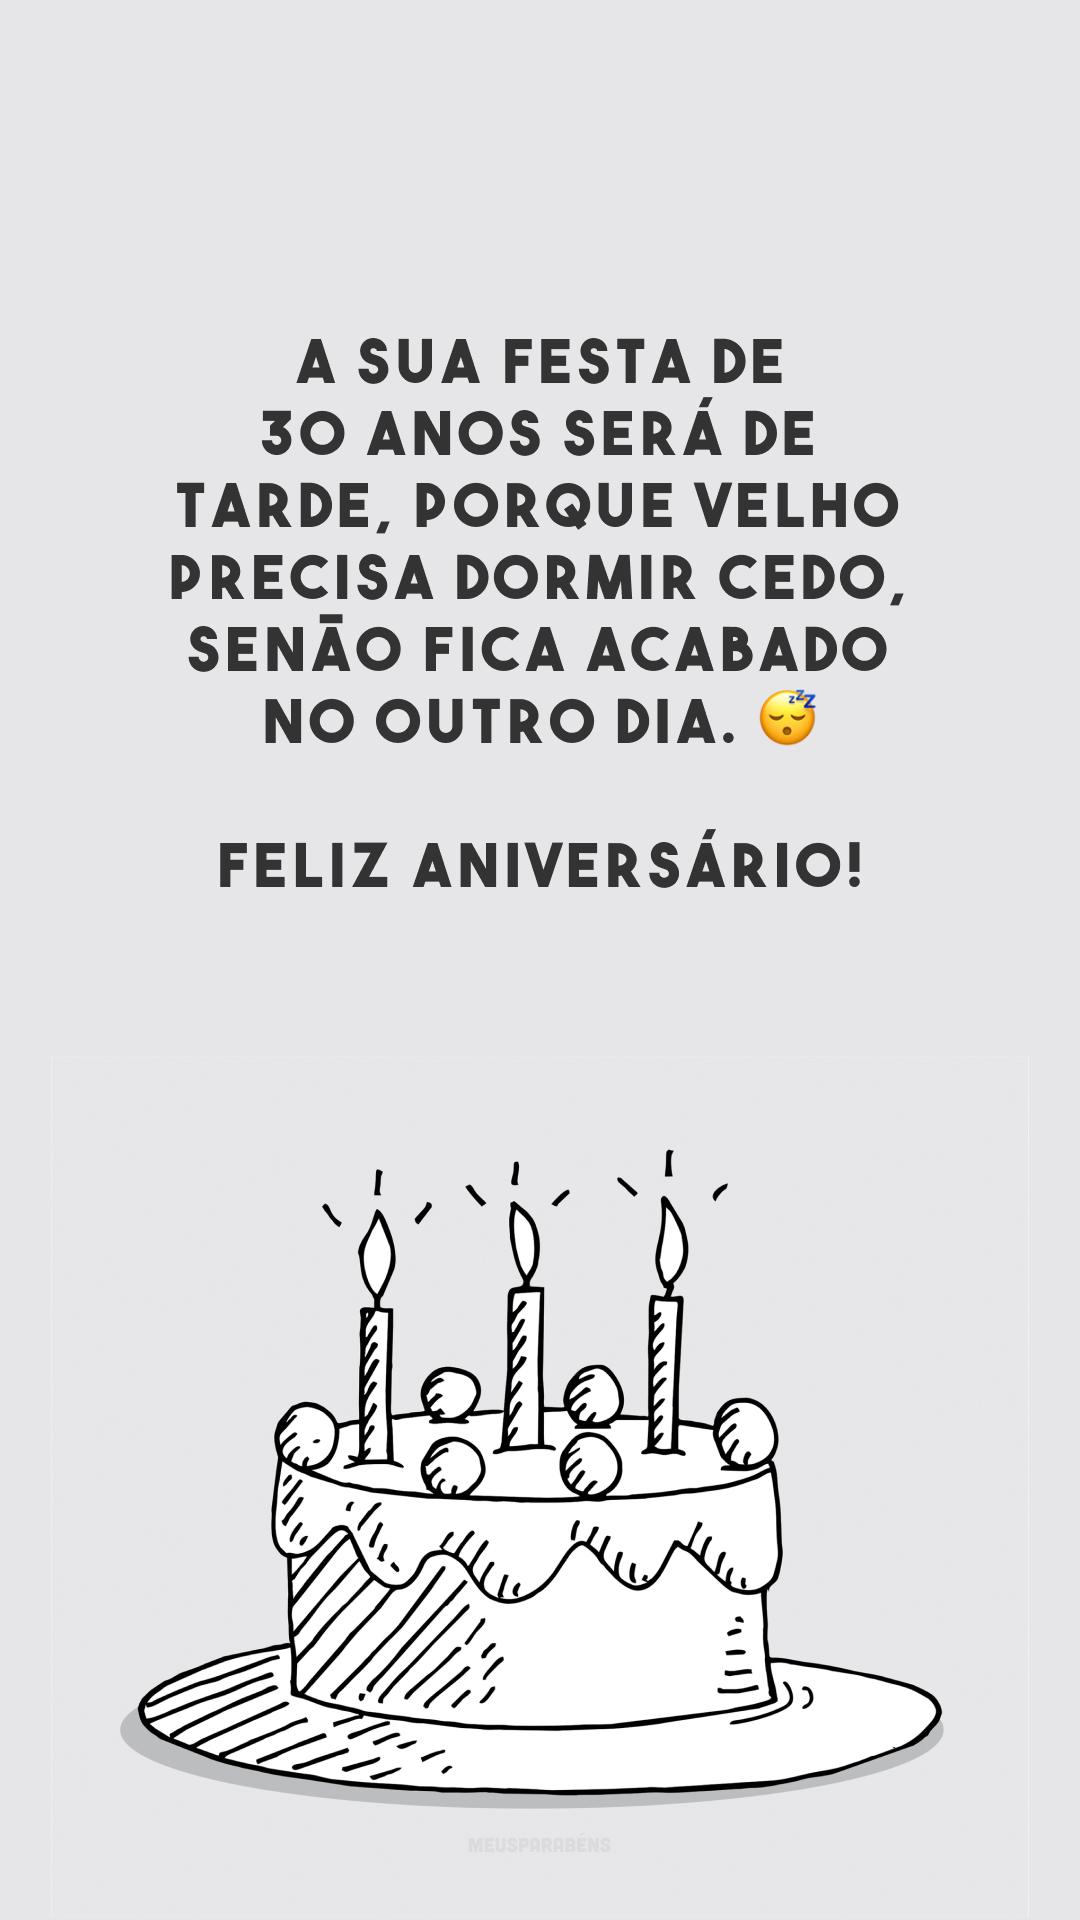 A sua festa de 30 anos será de tarde, porque velho precisa dormir cedo, senão fica acabado no outro dia. 😴 Feliz aniversário!